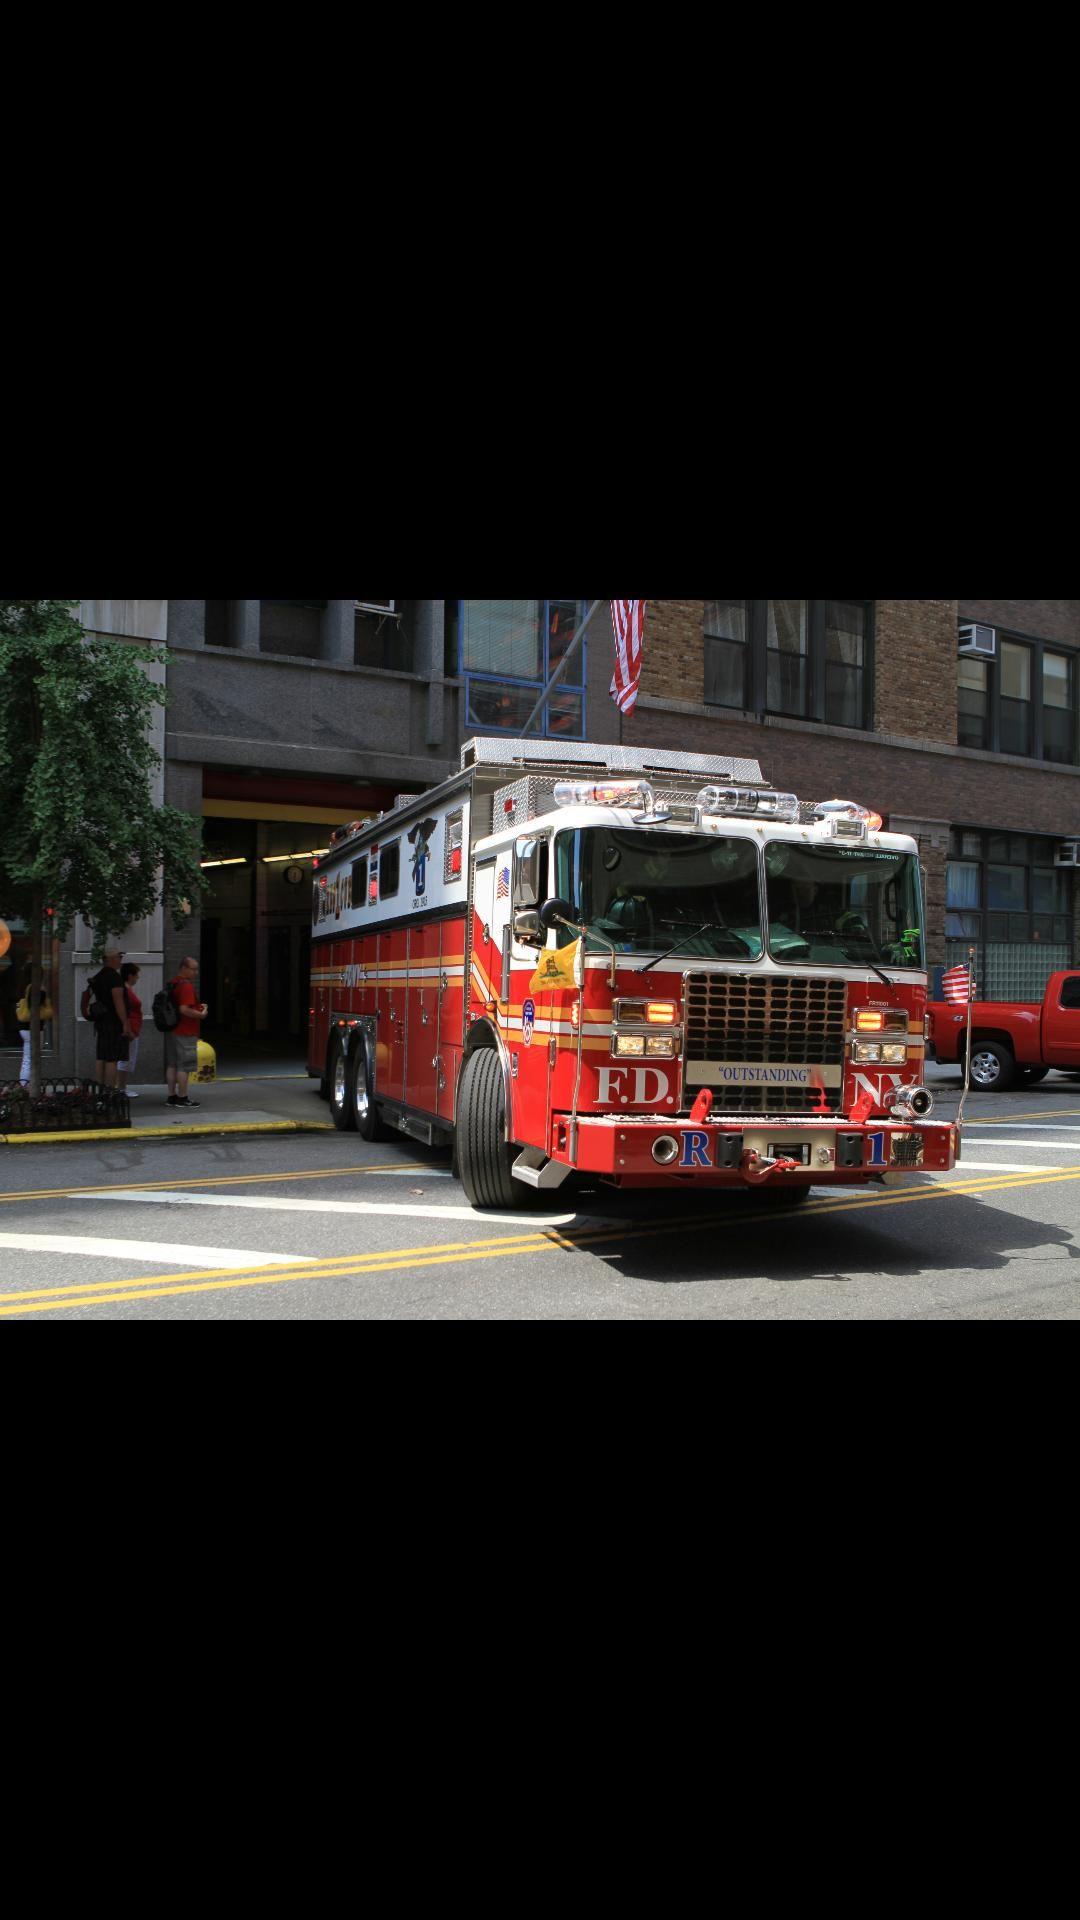 Fdny Rescue 1 Fire Trucks Fdny Rescue 1 Rescue Vehicles